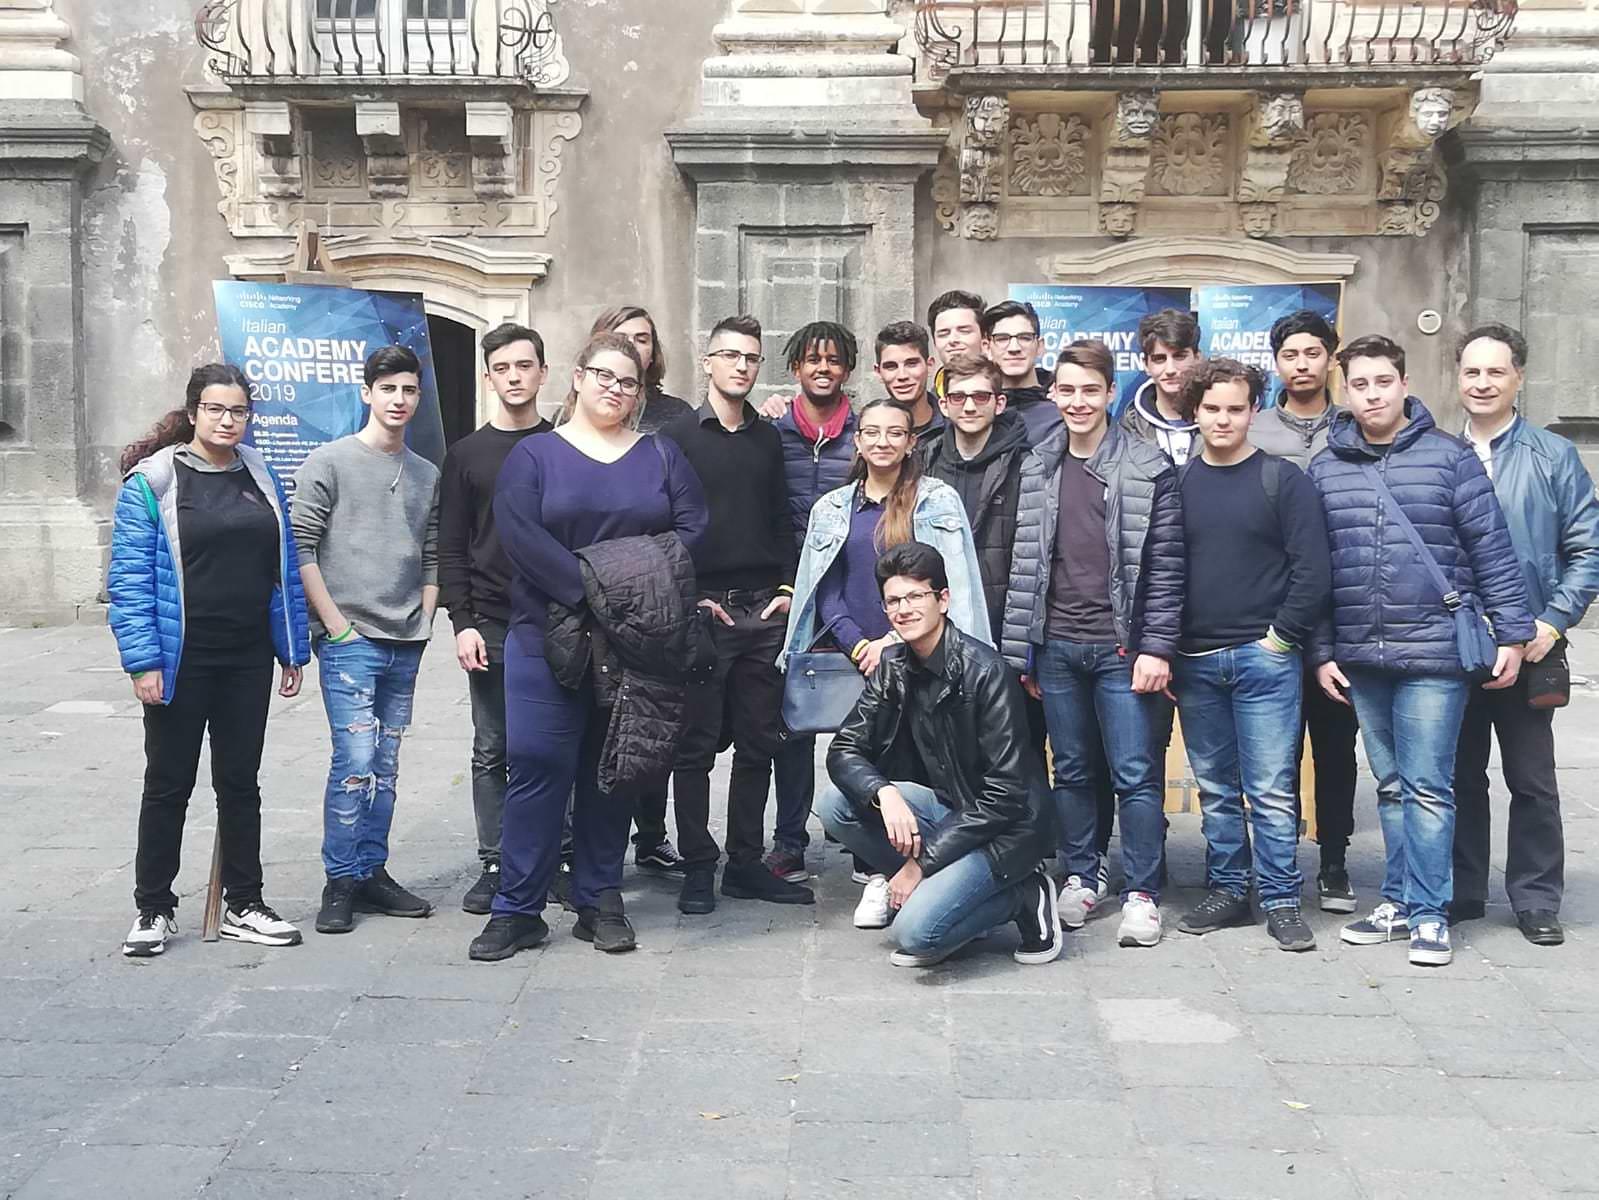 Il Vaccarini di Catania e la Cisco: un sodalizio che guarda al futuro